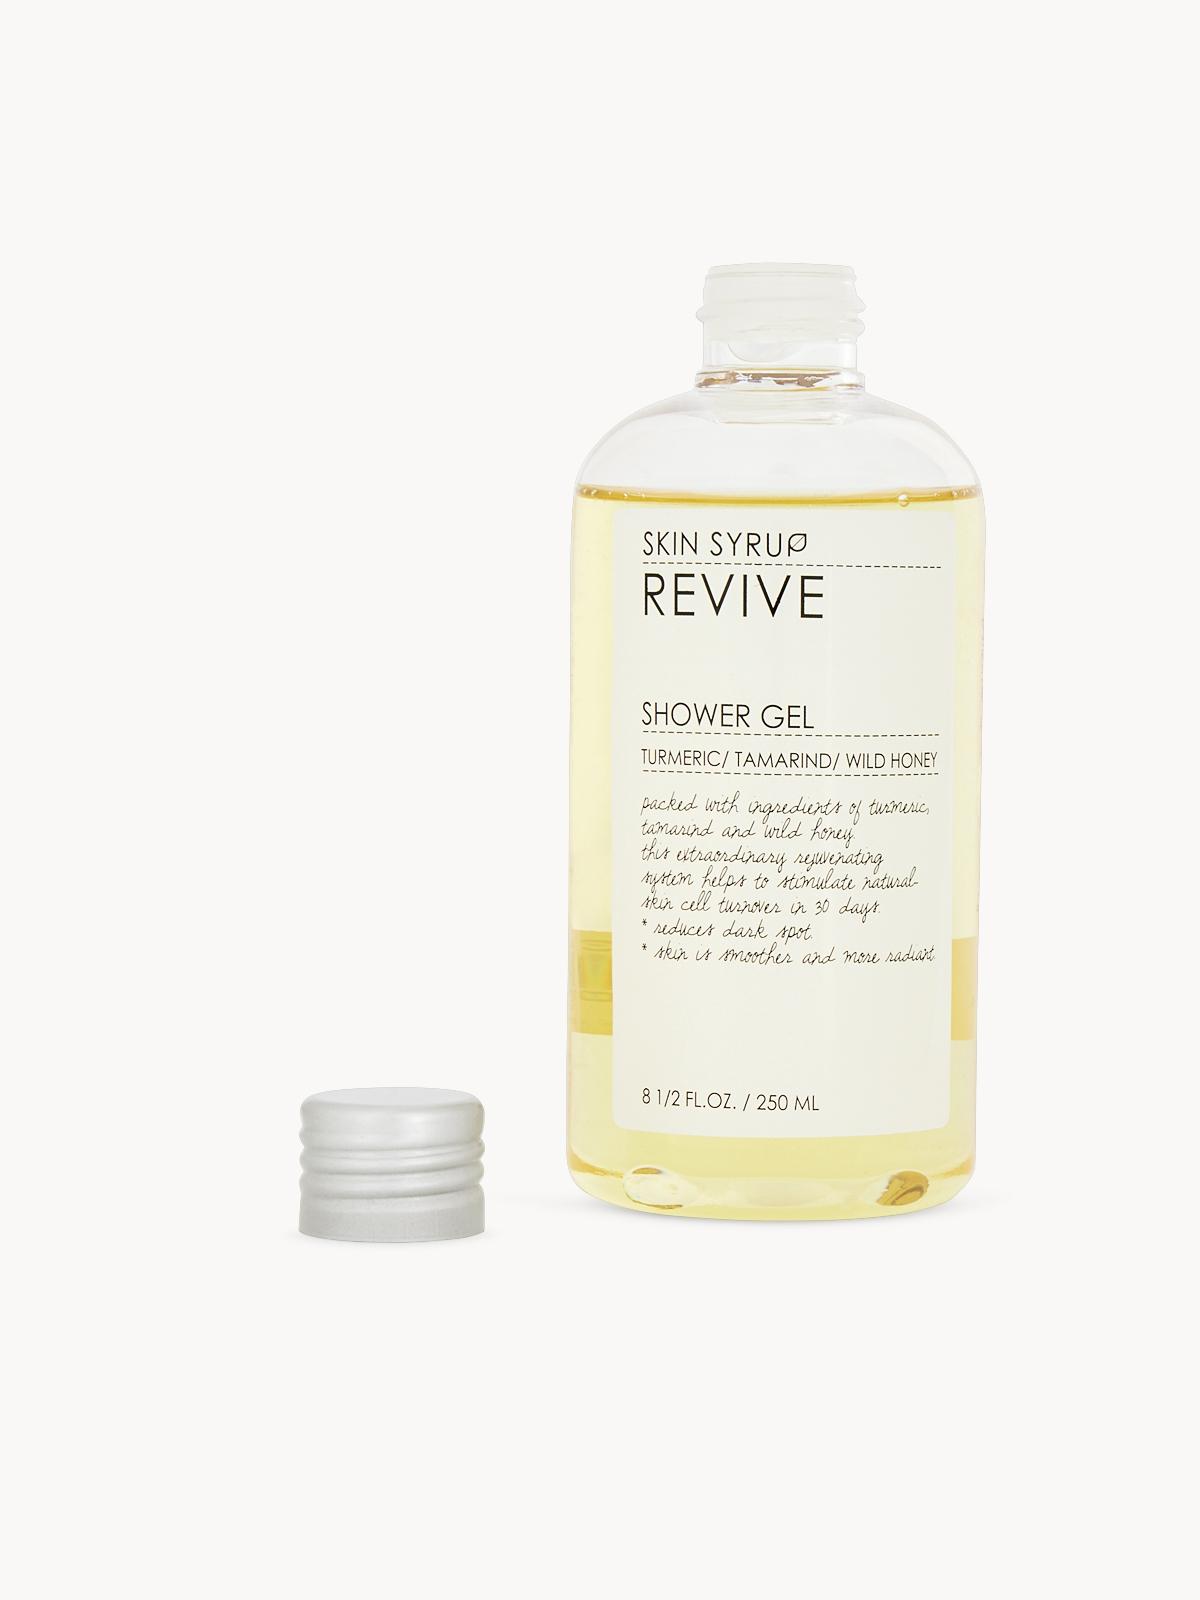 Skin Syrup Revive Shower Gel